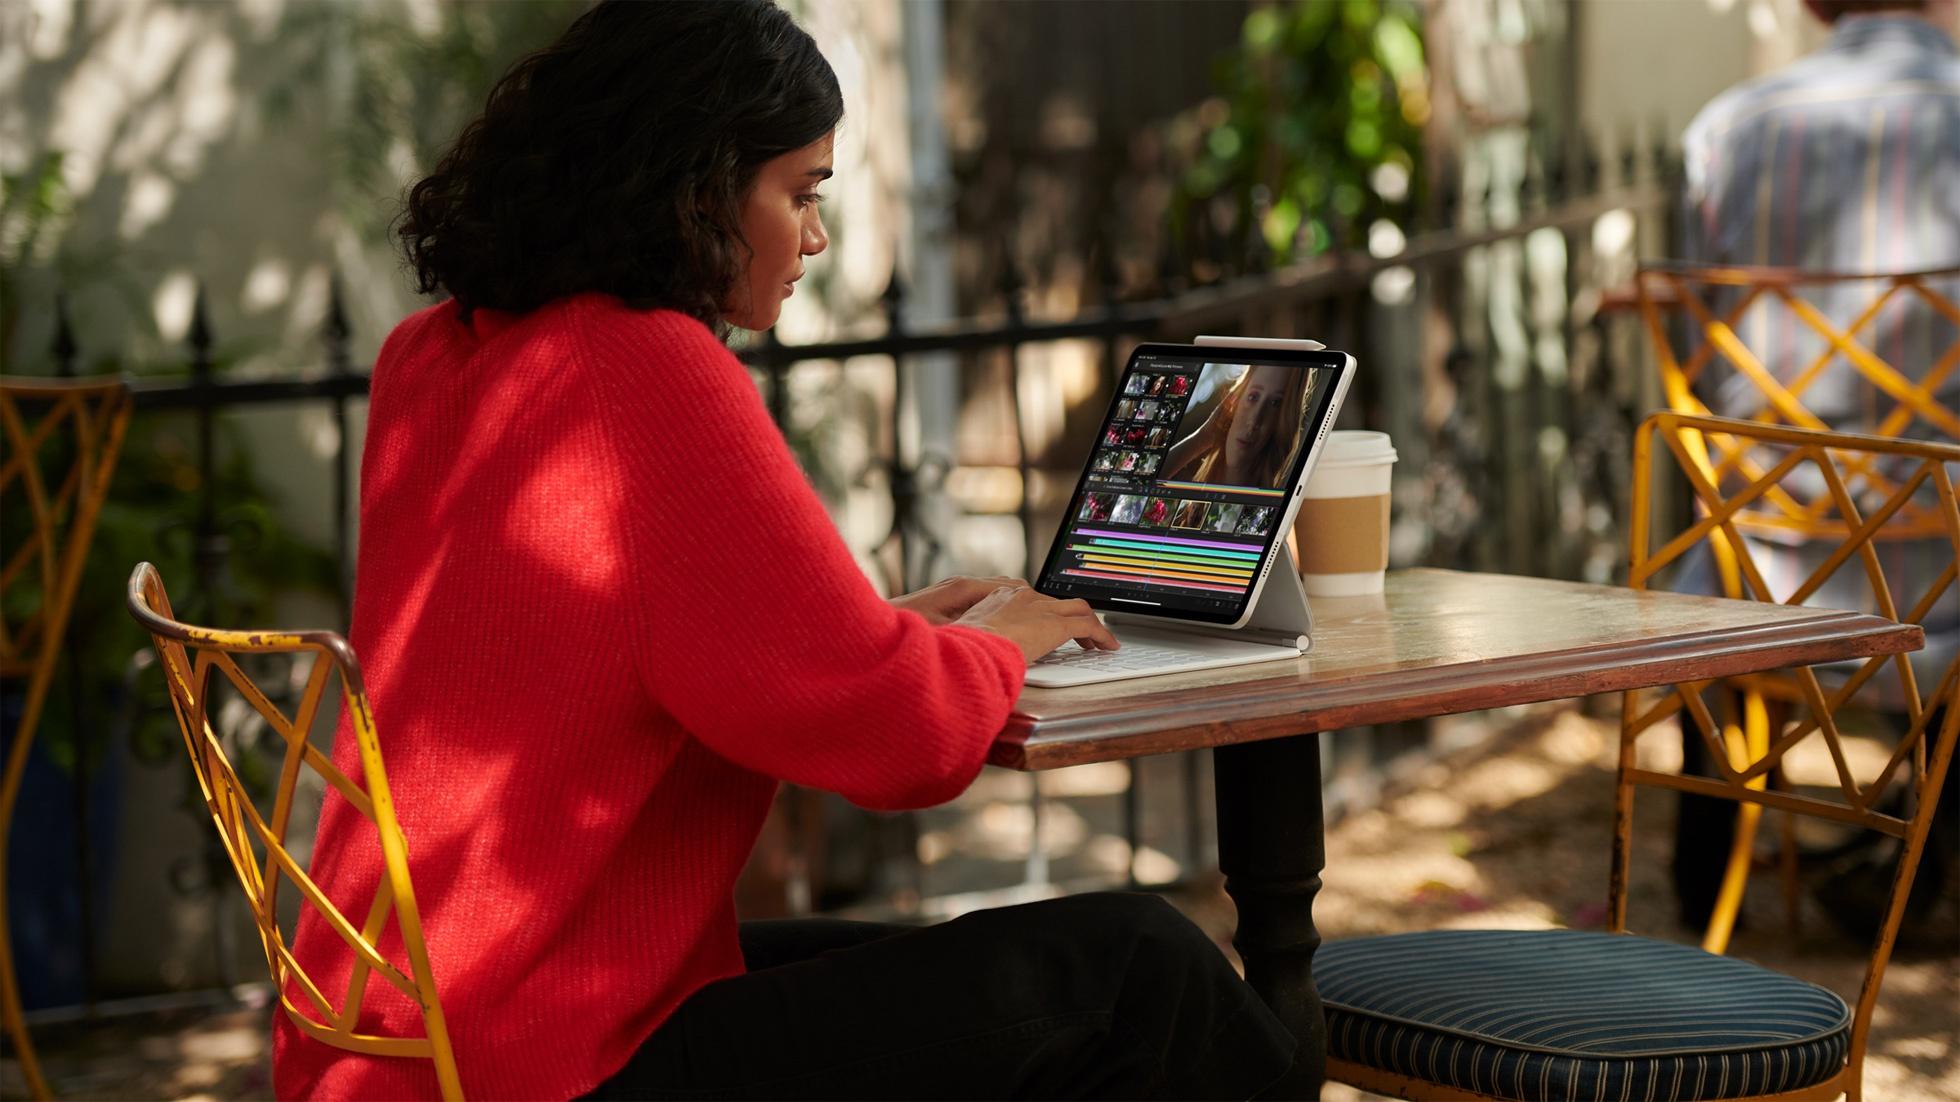 Apple ra mắt iPhone mới màu tím, iPad M1, AirTag và iMac - Ảnh 2.